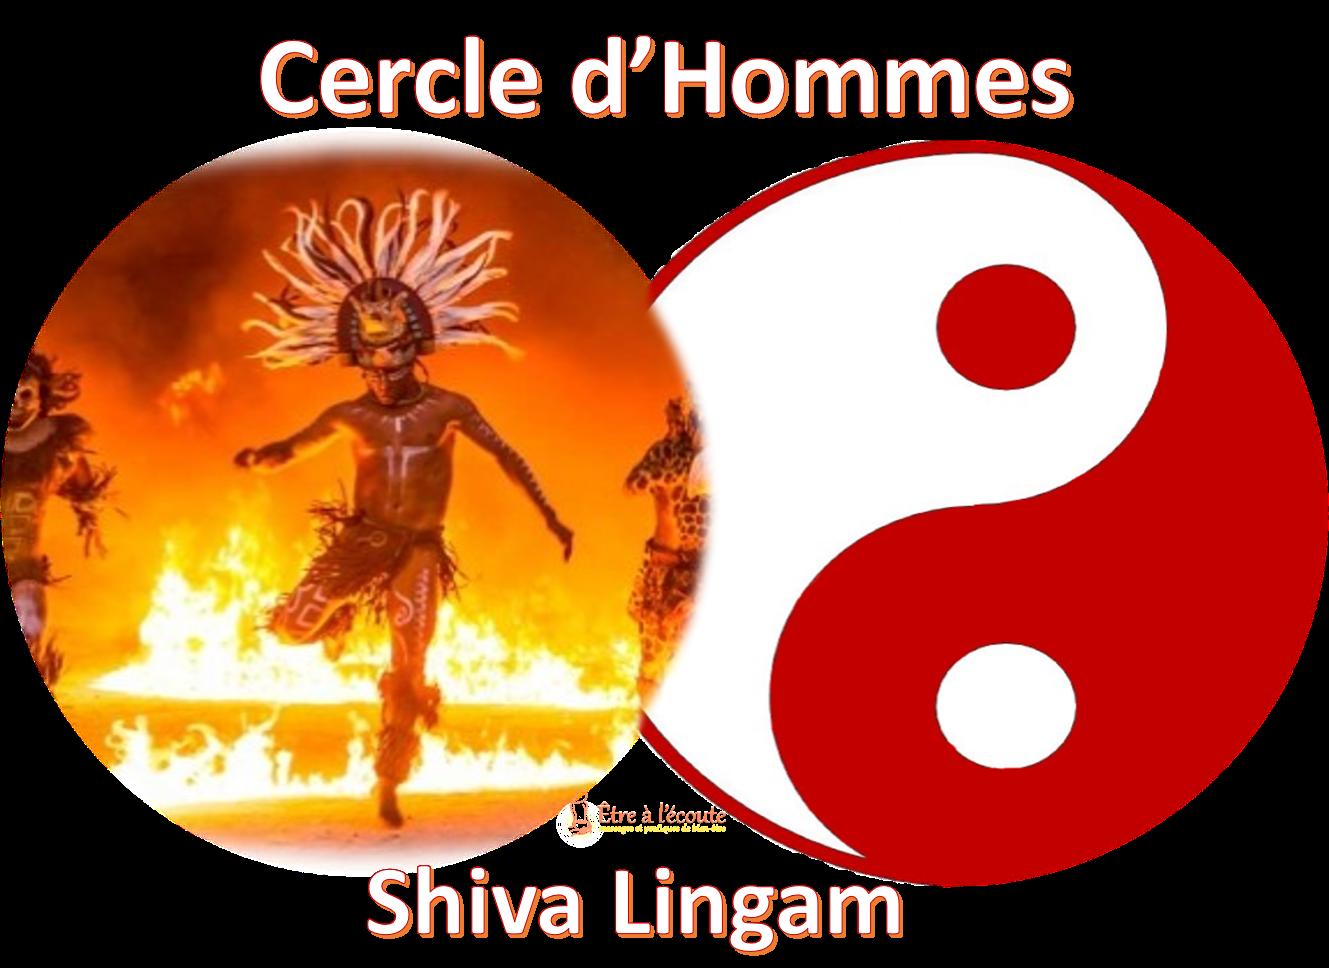 Cercle d'Hommes-Shiva-Lingam-être à l'écoute